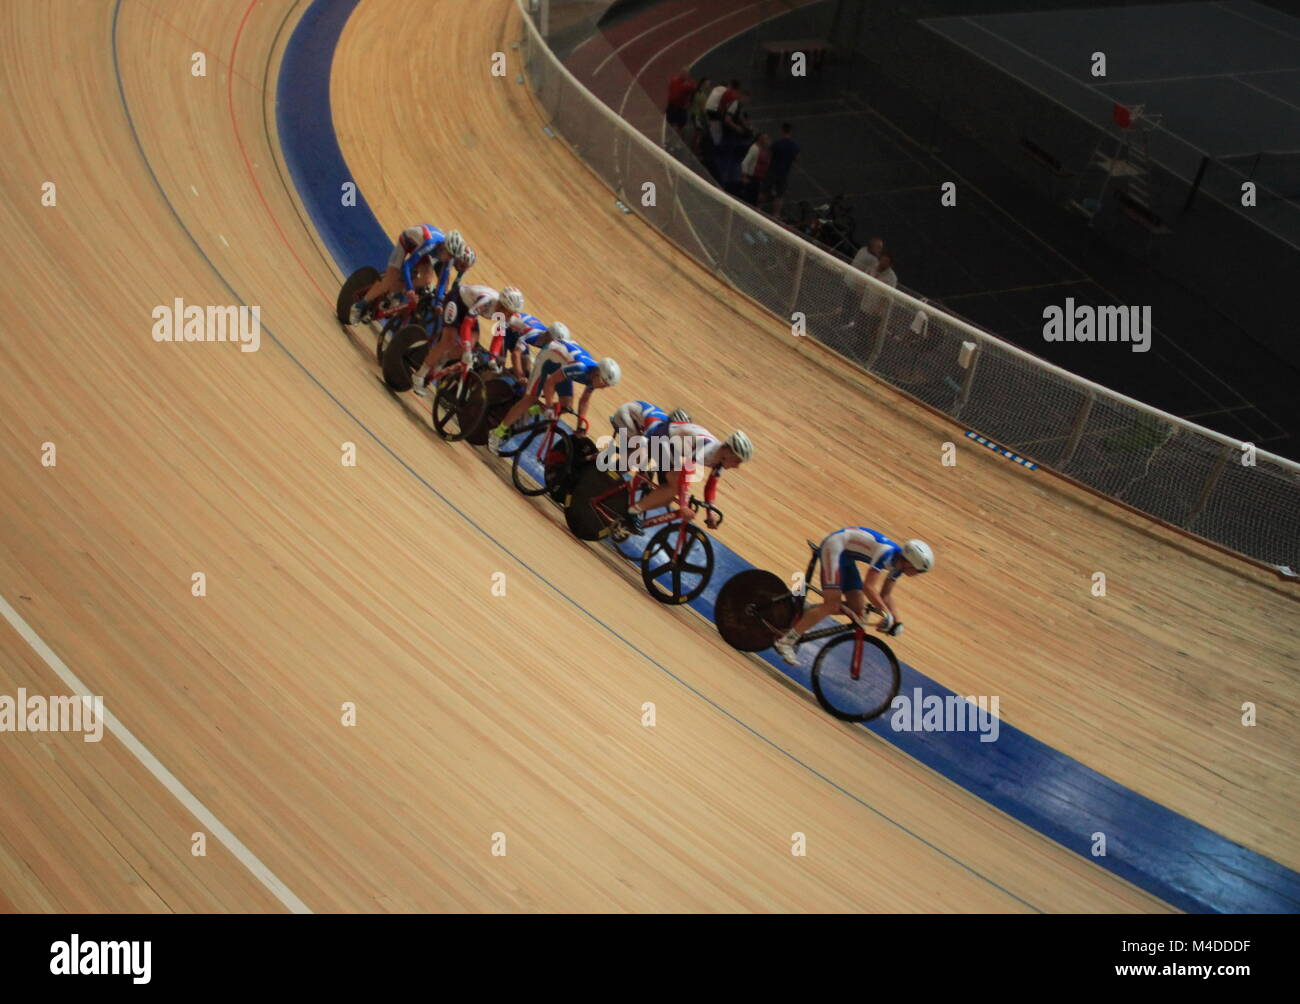 pursuit Cycling tilt shot - Stock Image